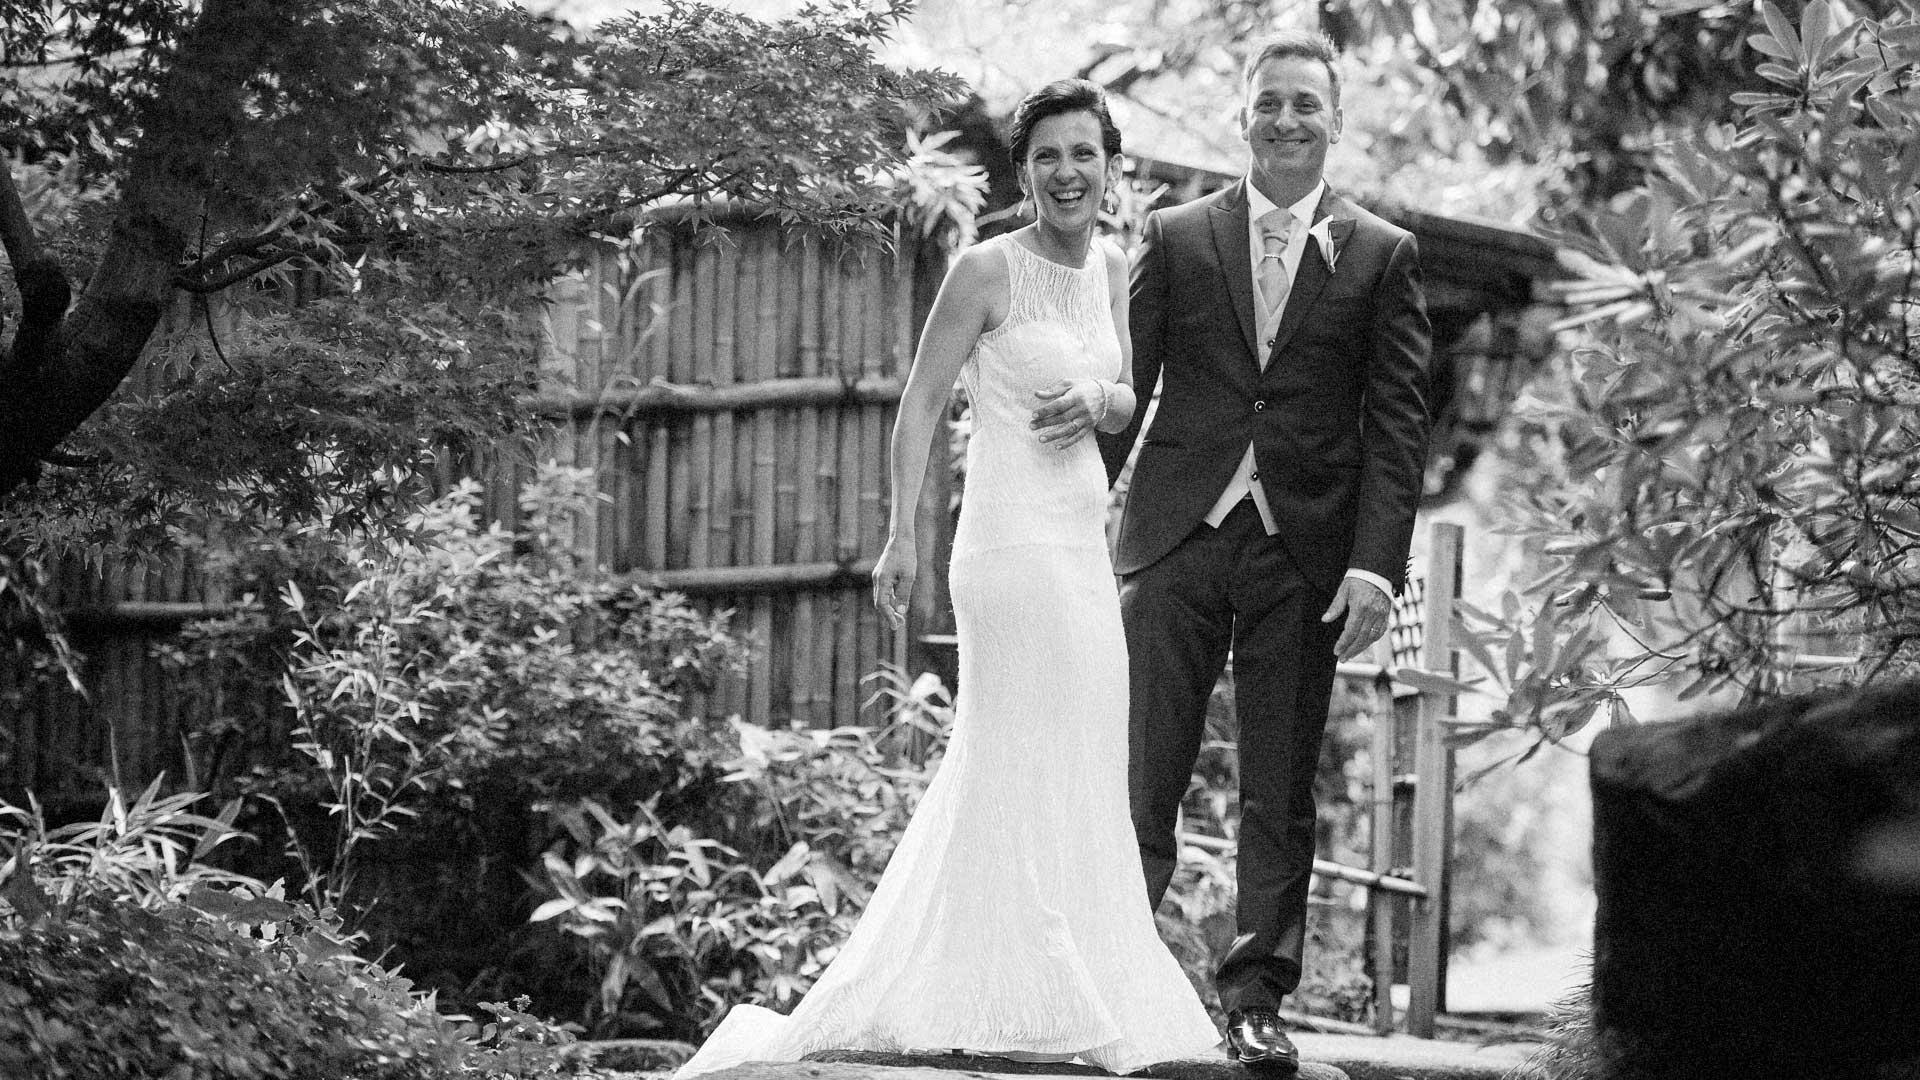 Gli sposi nel giardino Giapponese di villa Paradeisos a Varese